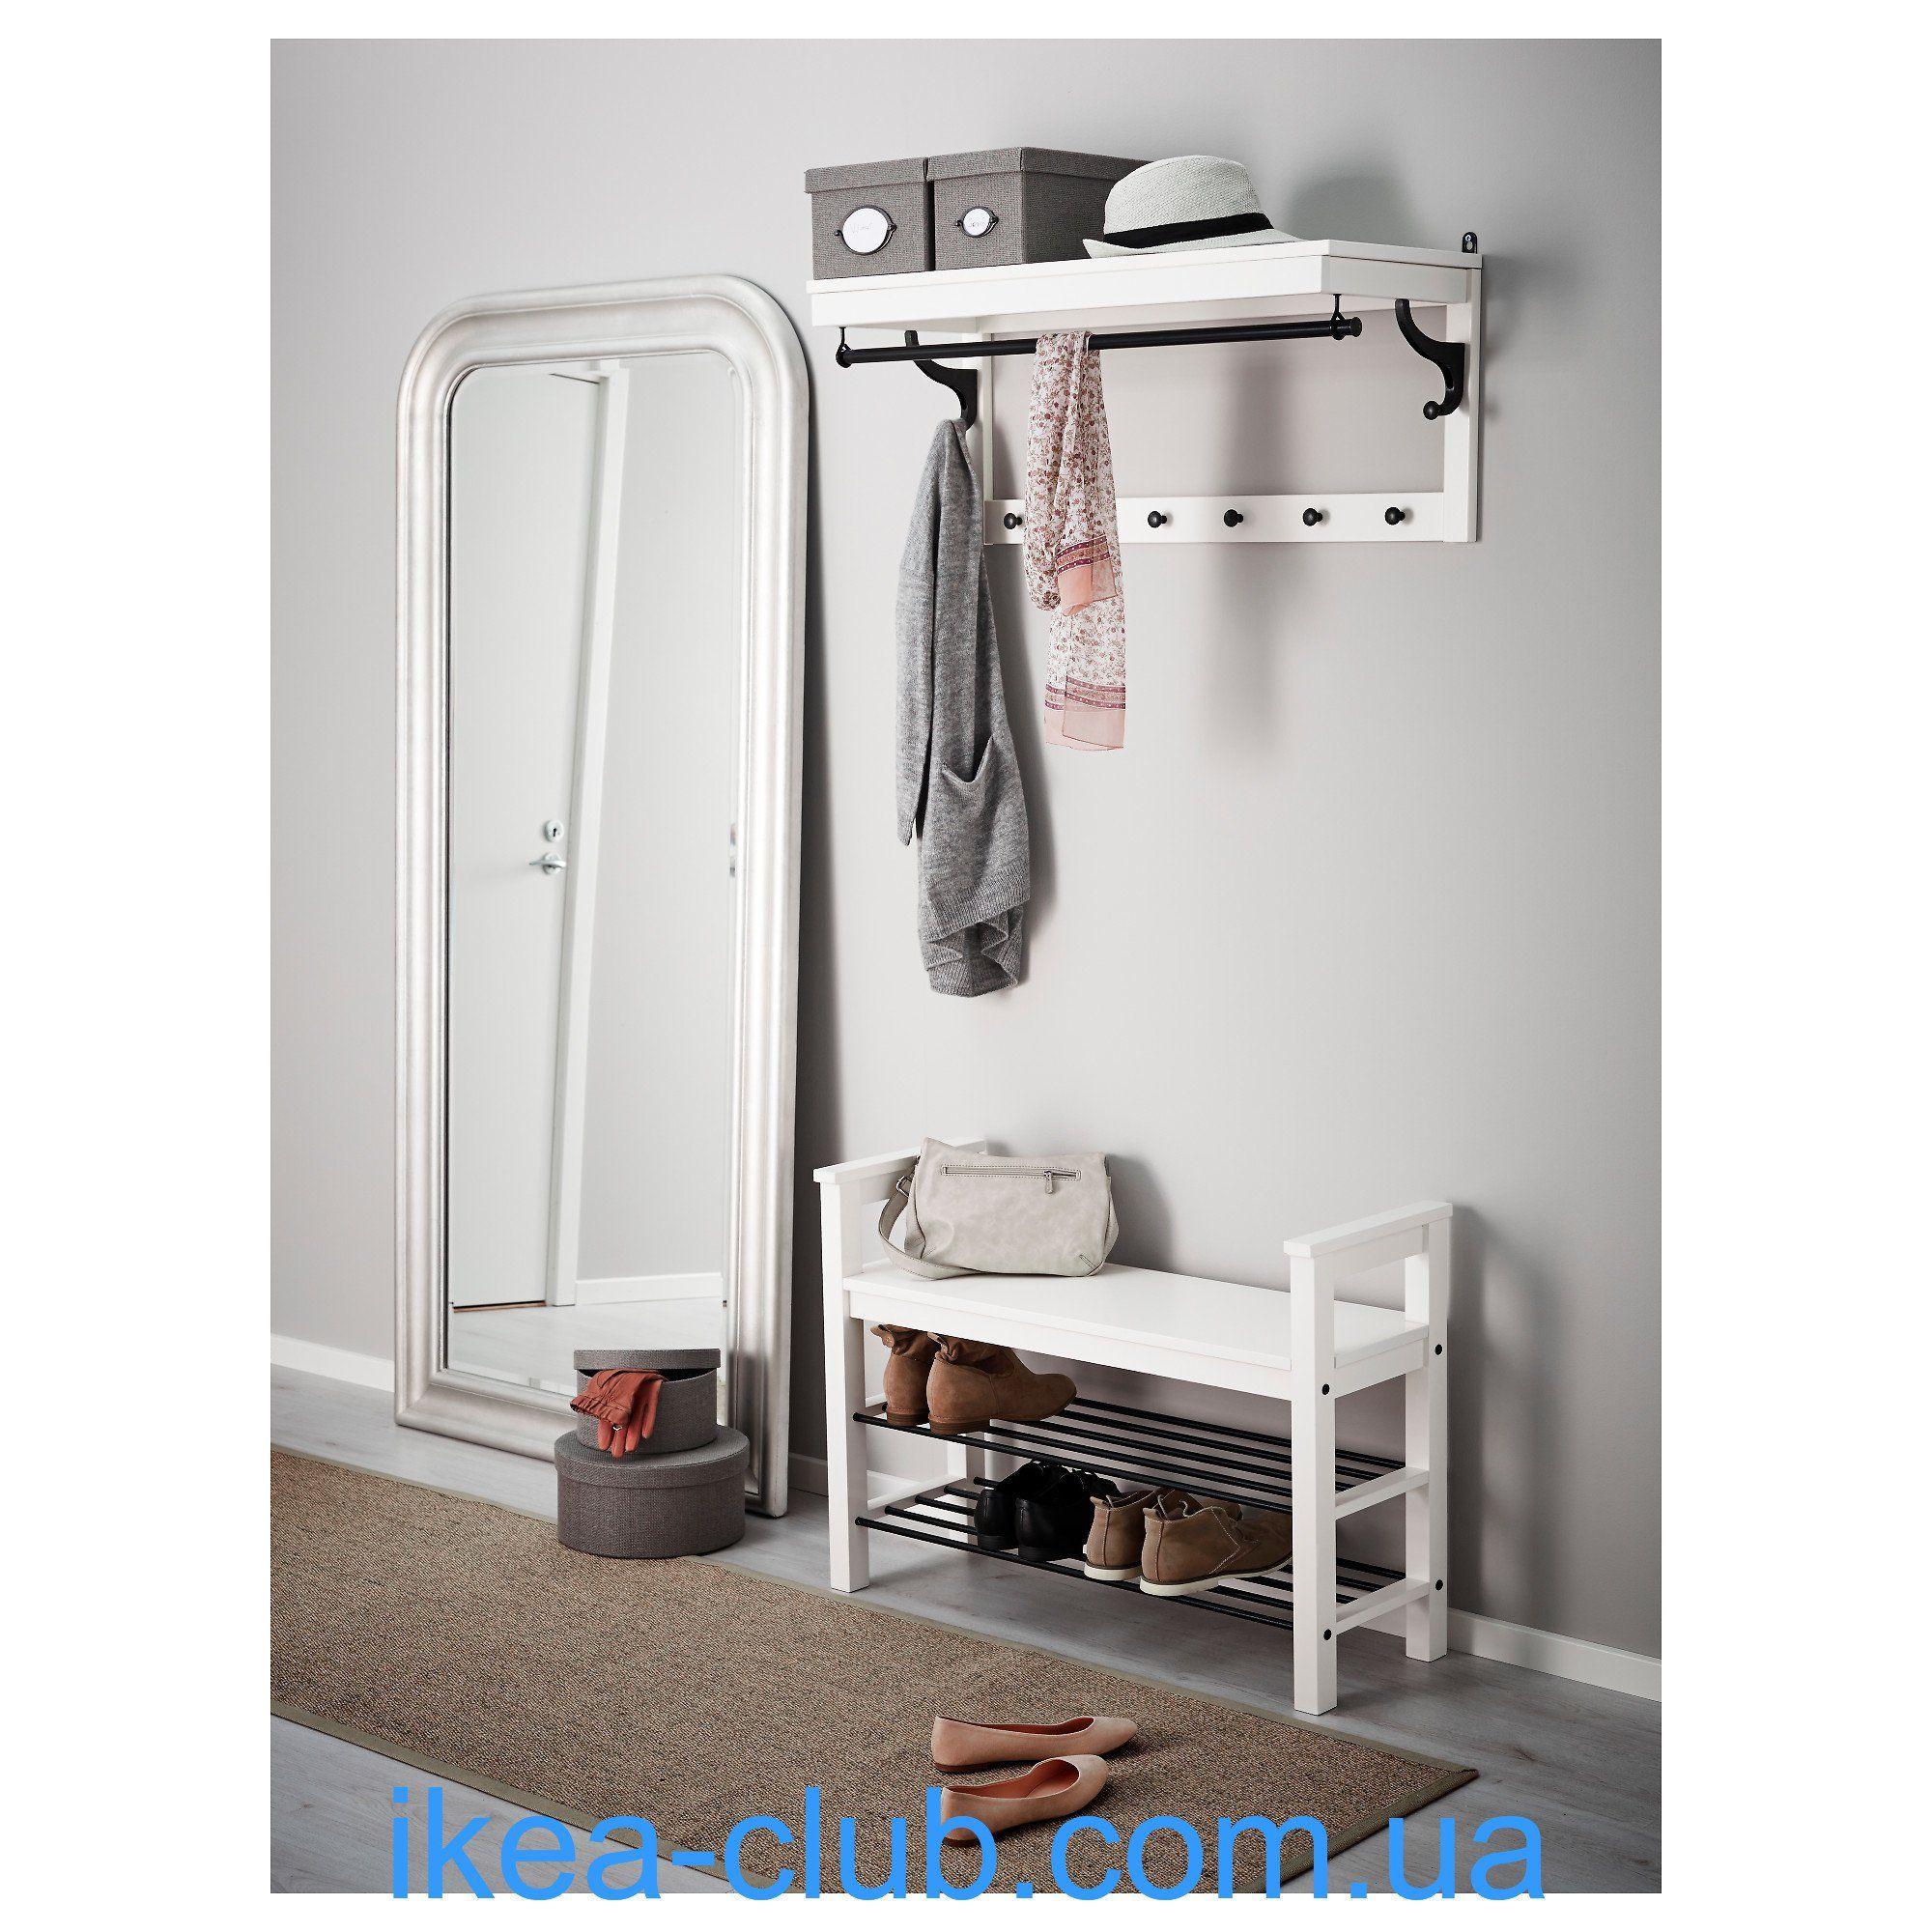 , 60243798 ( ) Ikea Mirrormirrorsshoe Storagehemnesorganizationsmirrororganisationorganization Ideasglass